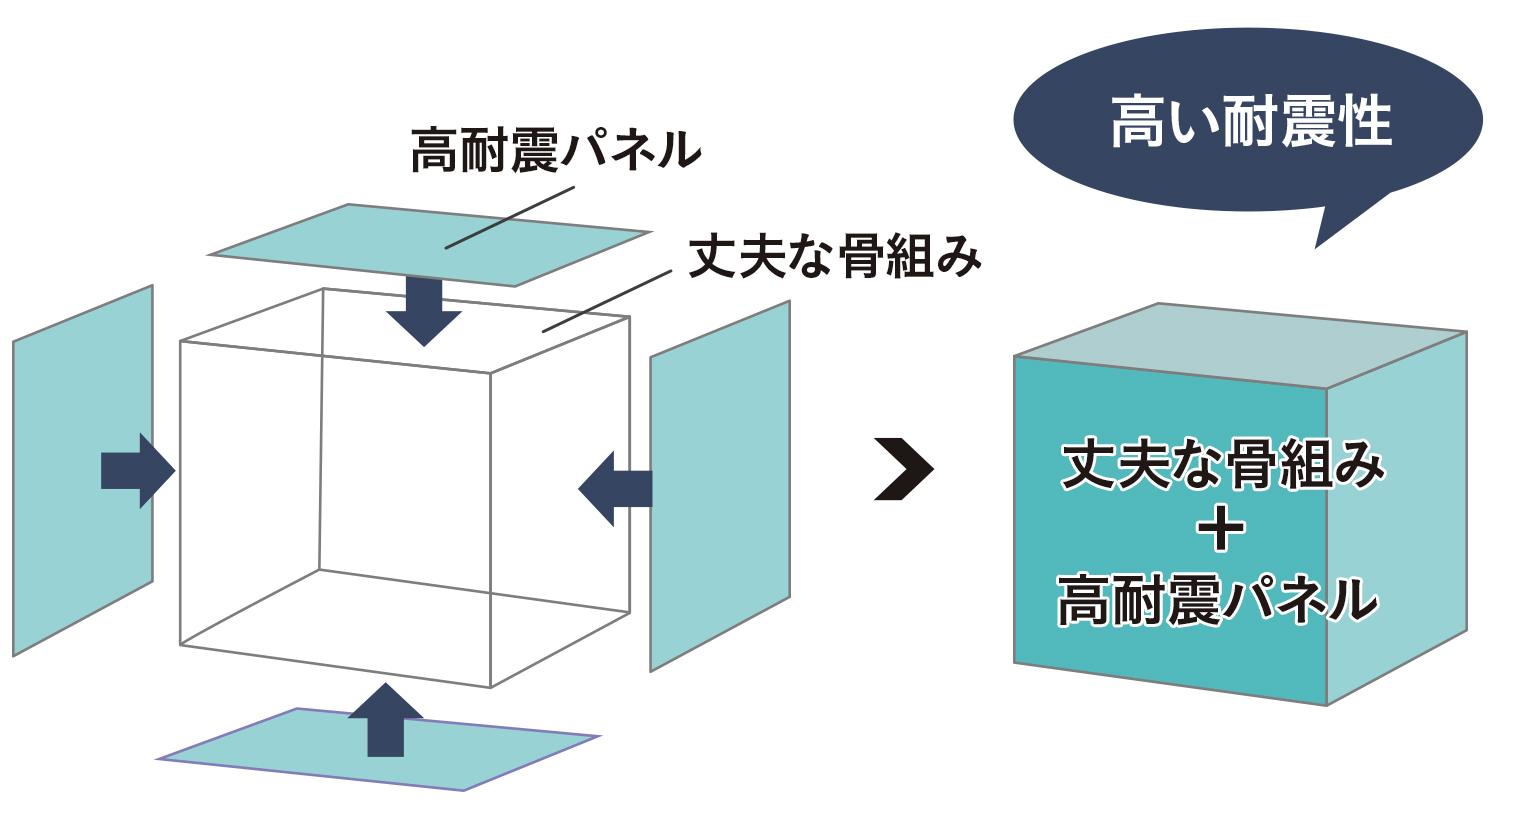 丈夫な骨組み+高耐震パネルの説明イラスト